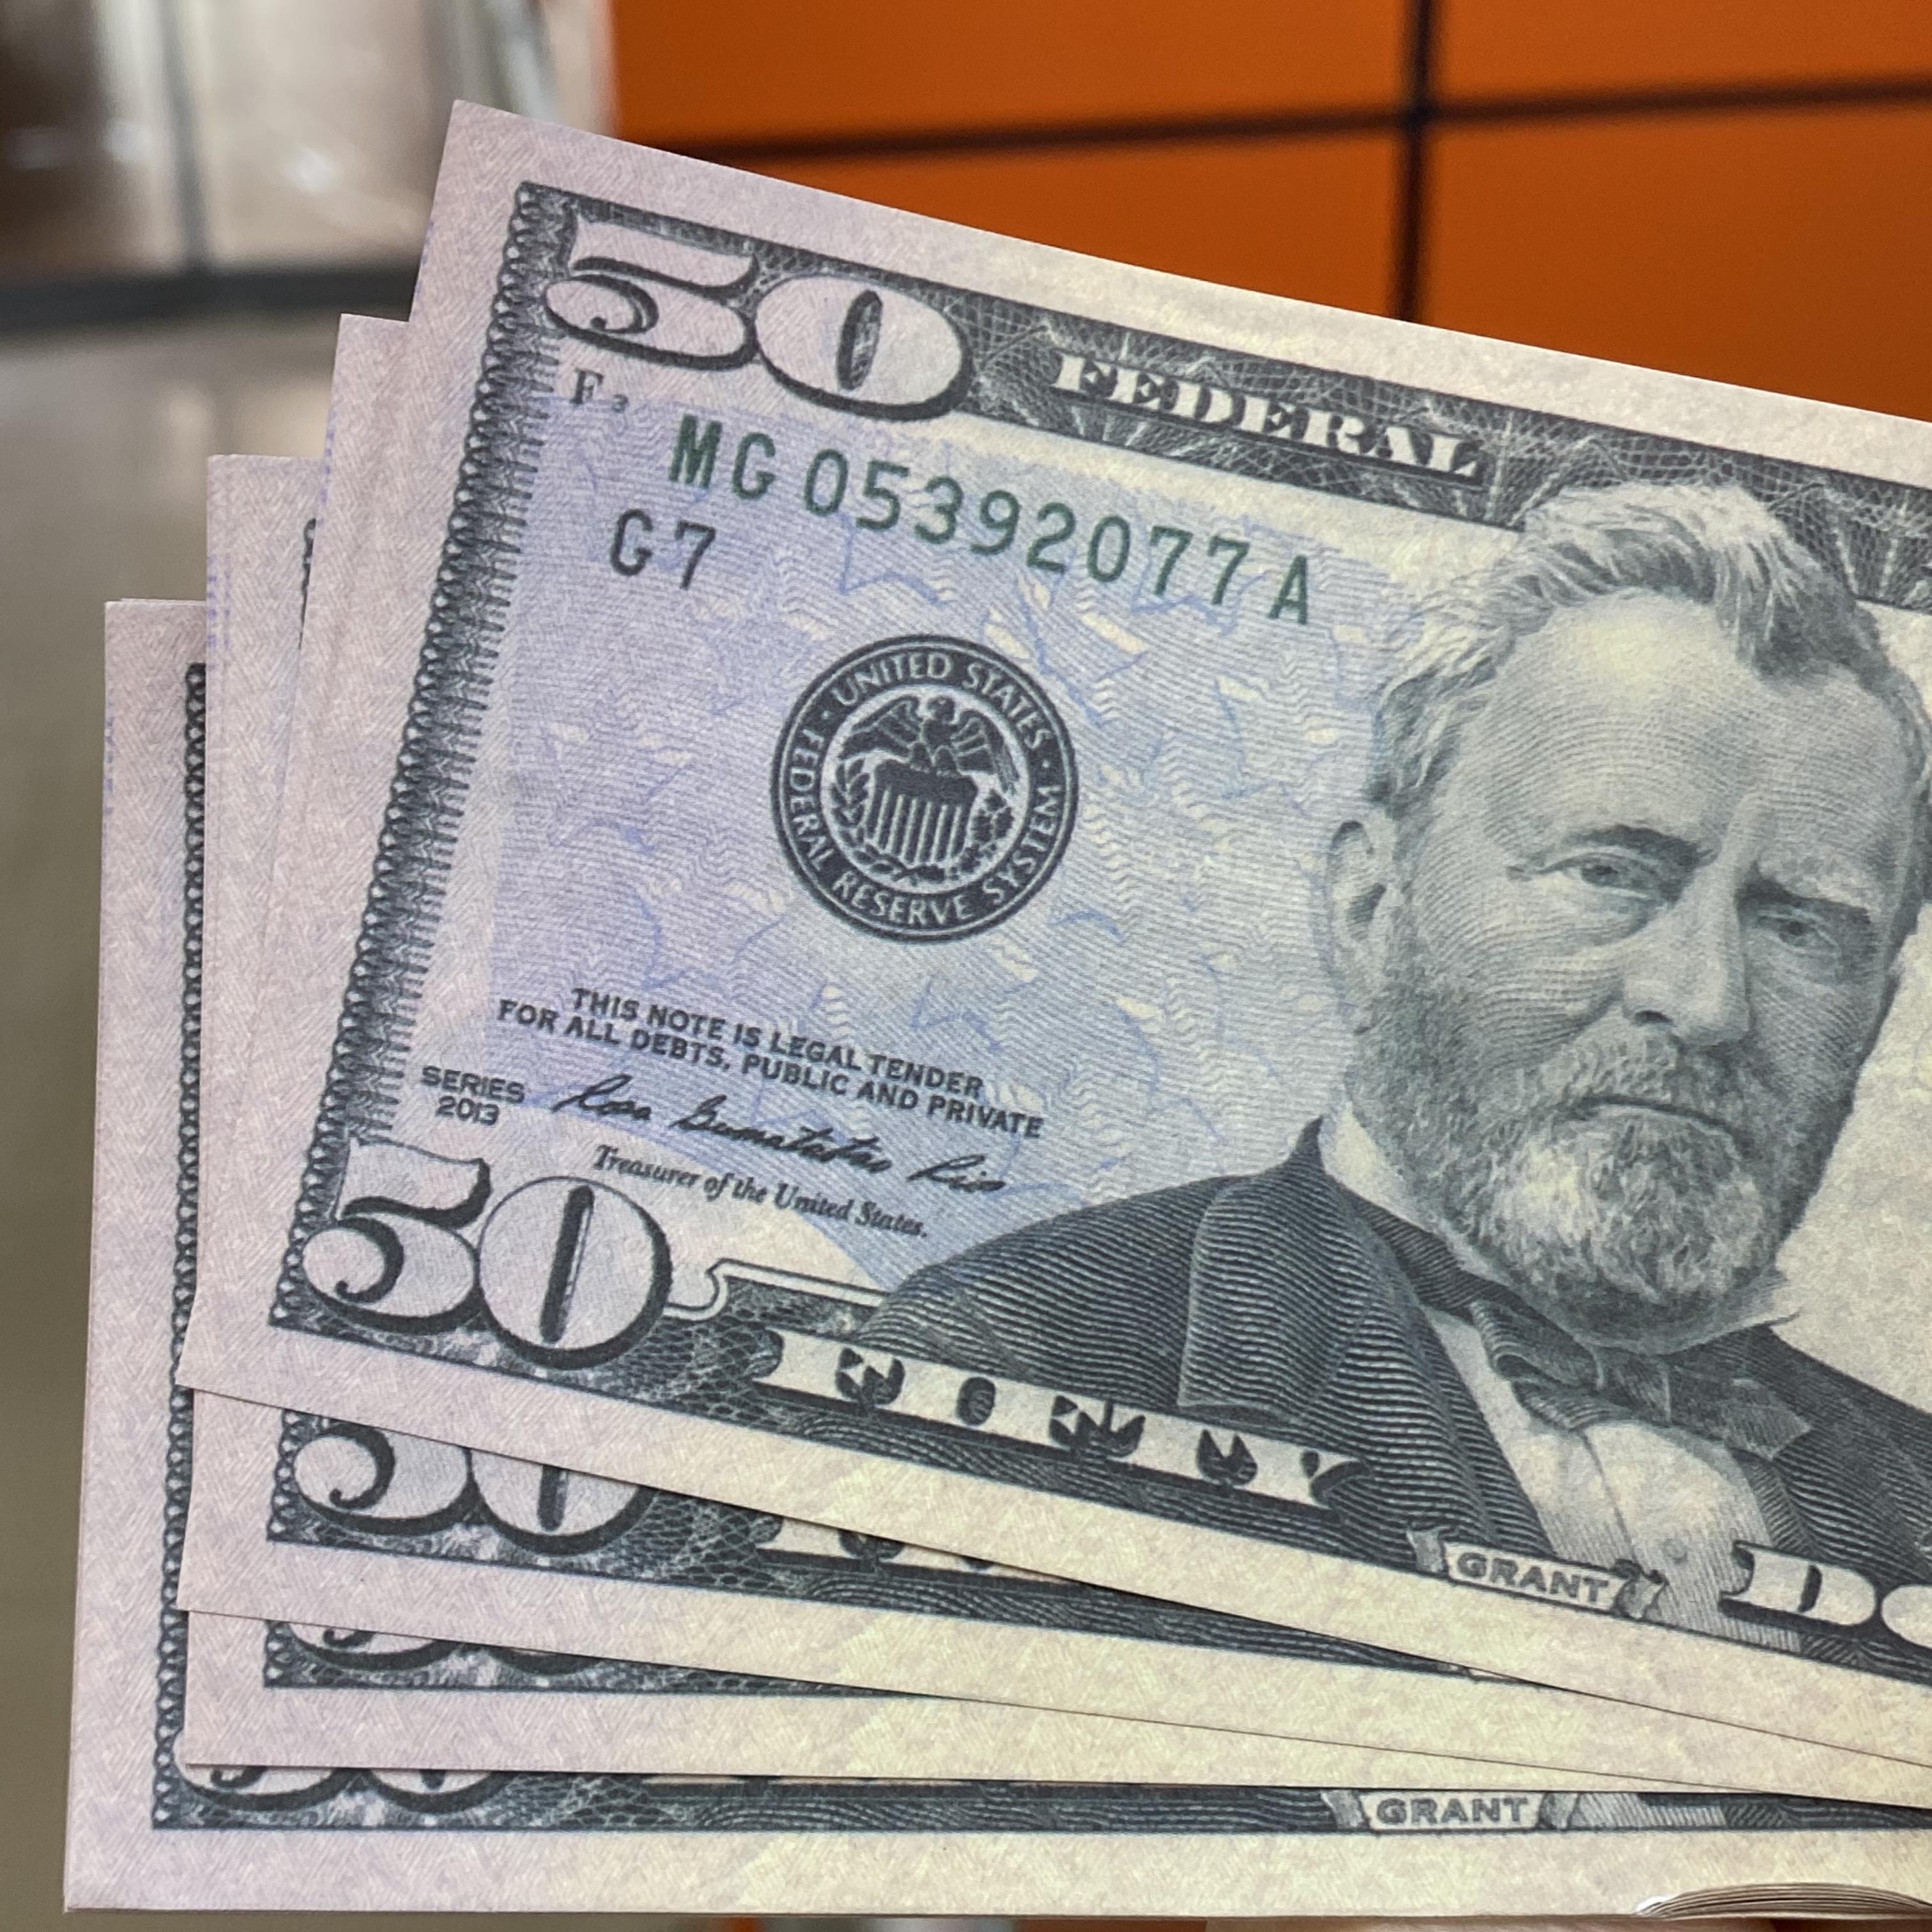 ODLMA DOLLARES APRES PROPIEDADES TOYS 100 PARTE Partido EE. UU. EE.UU.